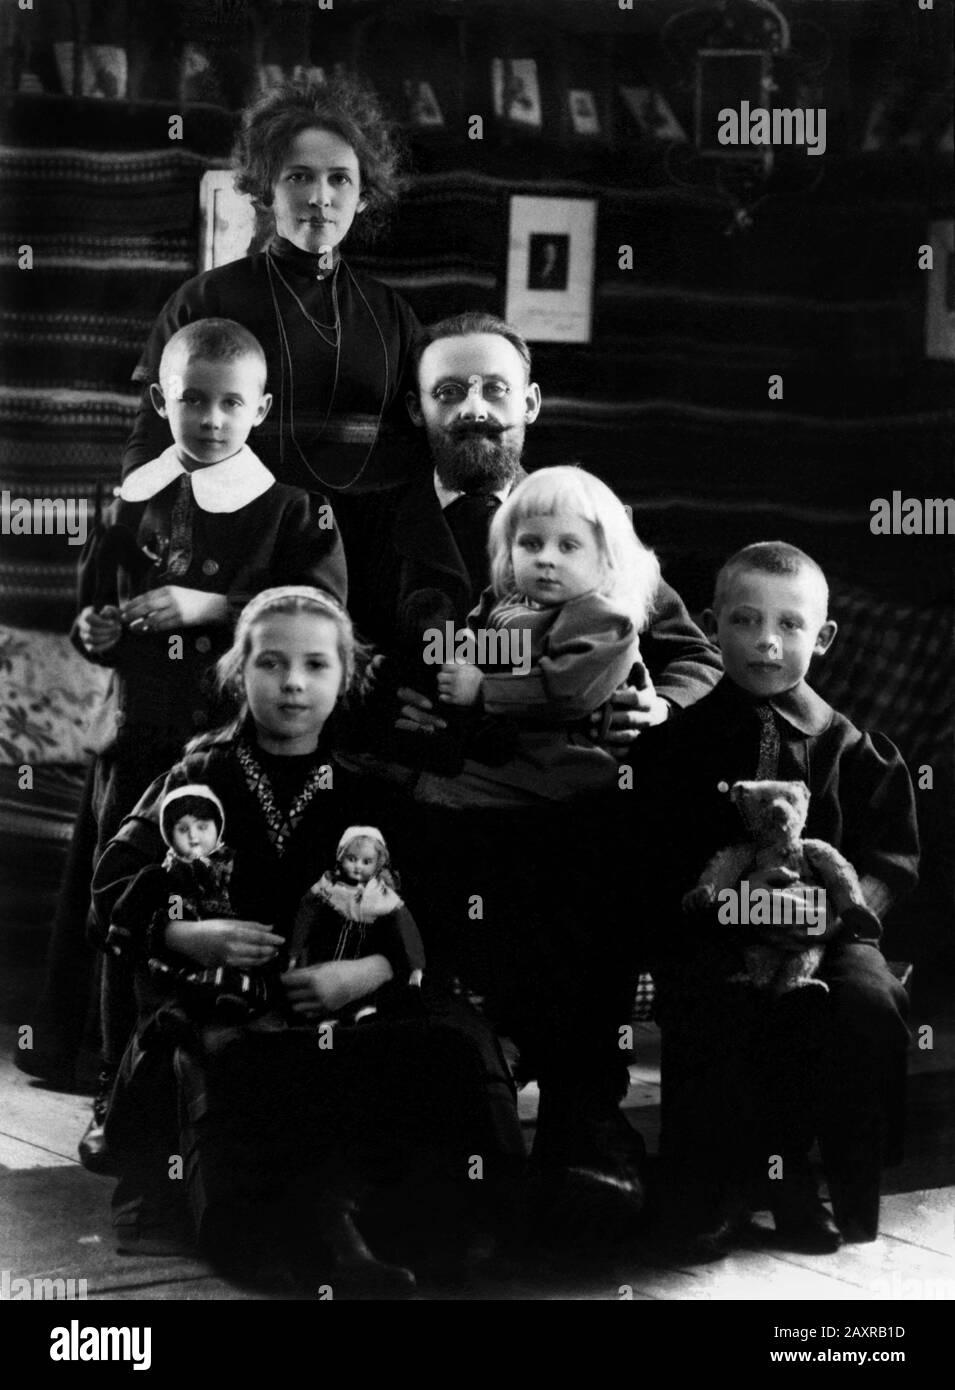 1900 ca, Storgarden, Brunnsvik sul lago Vasman, LUDVIKA, SVEZIA : lo scrittore svedese e politico socialdemocratico Dottor KARL-ERIK FORSSLUND ( 1872 - 1941 ) con la moglie FEJAN a casa con i quattro figli: Marjo , JORAN , KARL-HERMAN e MAJA . - LETTERATO - SCRITTORE - LETTERATURA - Letteratura - occhiali da vista - lente - foto gruppo di FAMIGLIA - barba - barba - barba - SVEZIA - giocattoli - giocattolo - giocattolo - giocattoli - Orsacchiotto - figli - figlio Fratelli - fratelli - moglie - mamma - madre - NATALE - NATALE - festa natalizia - NATALE - bambol Foto Stock